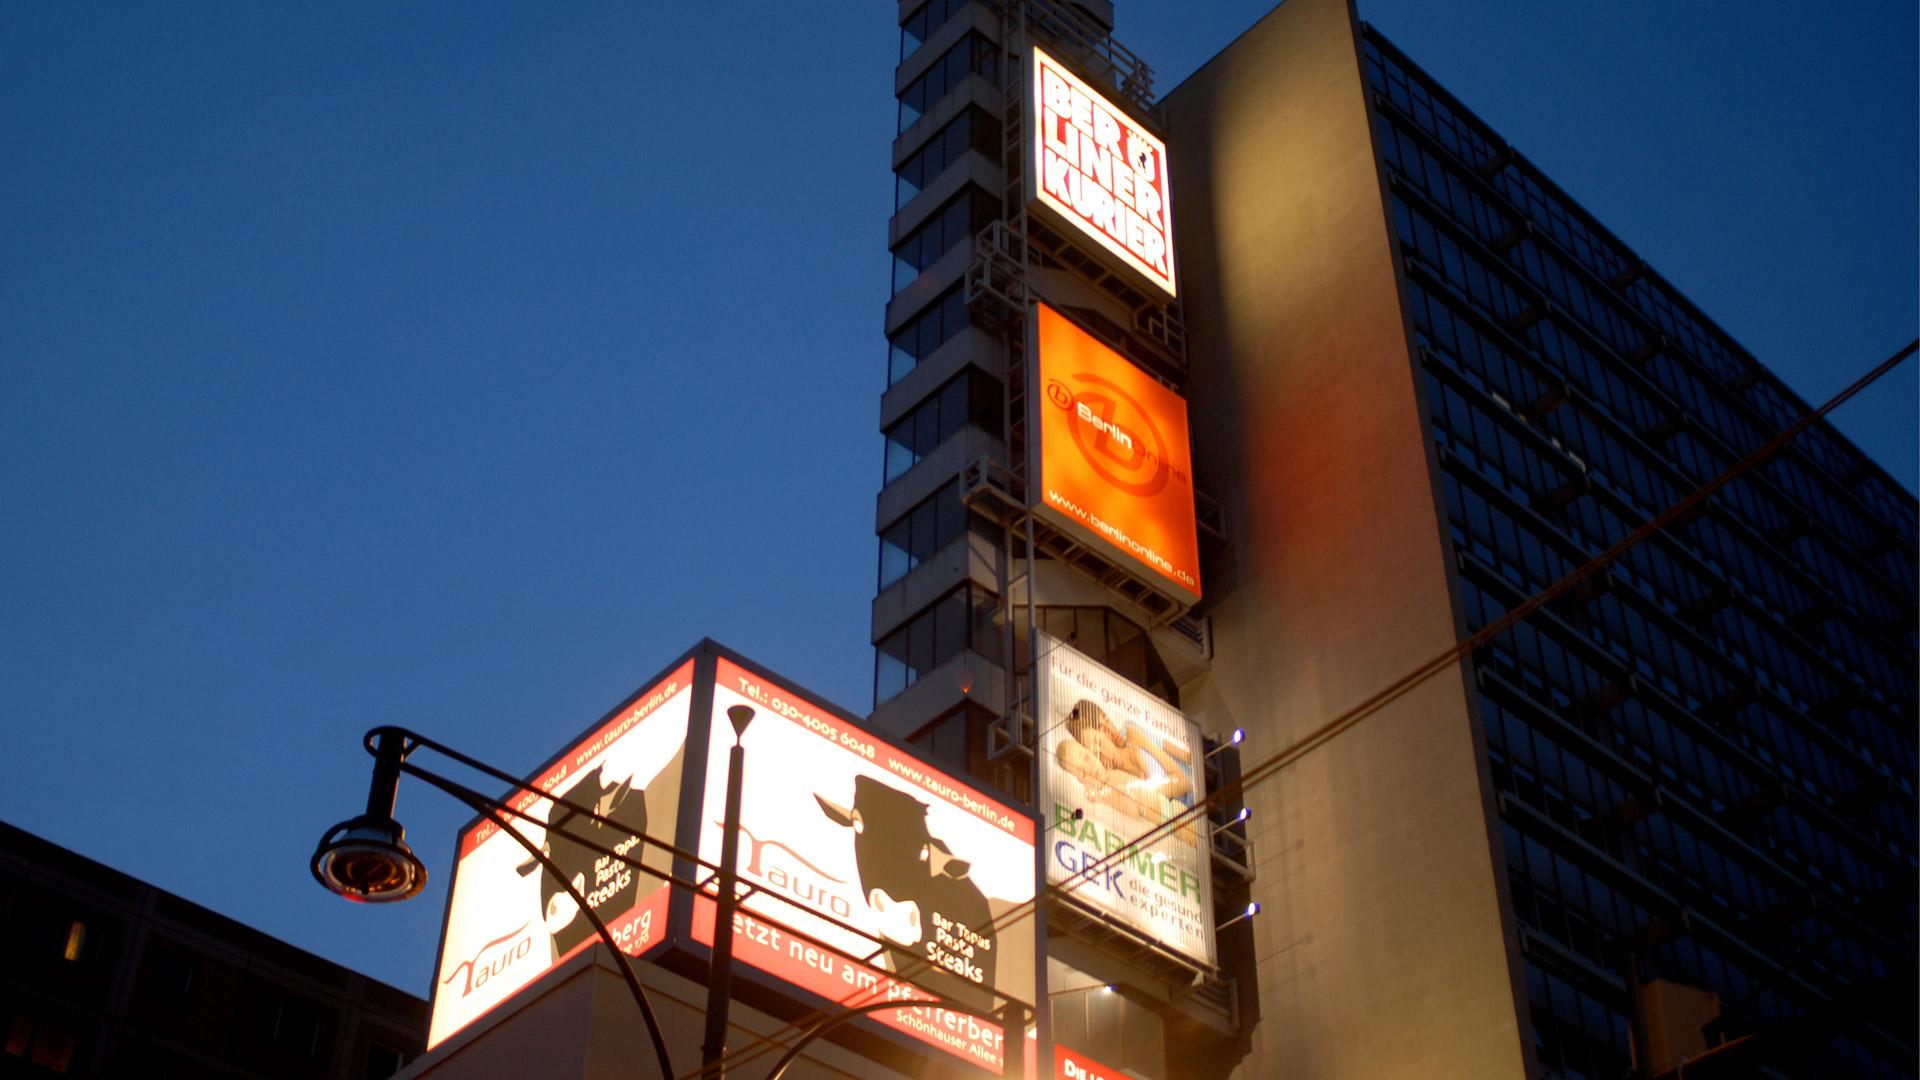 Leuchtwerbung-Alex-Berlin-Matti-Michalke-Berlin-Brandenburg-Aussenwerbung-Innenwerbung-Banner-Planen-Folien-Werbemittel-Druck-Print